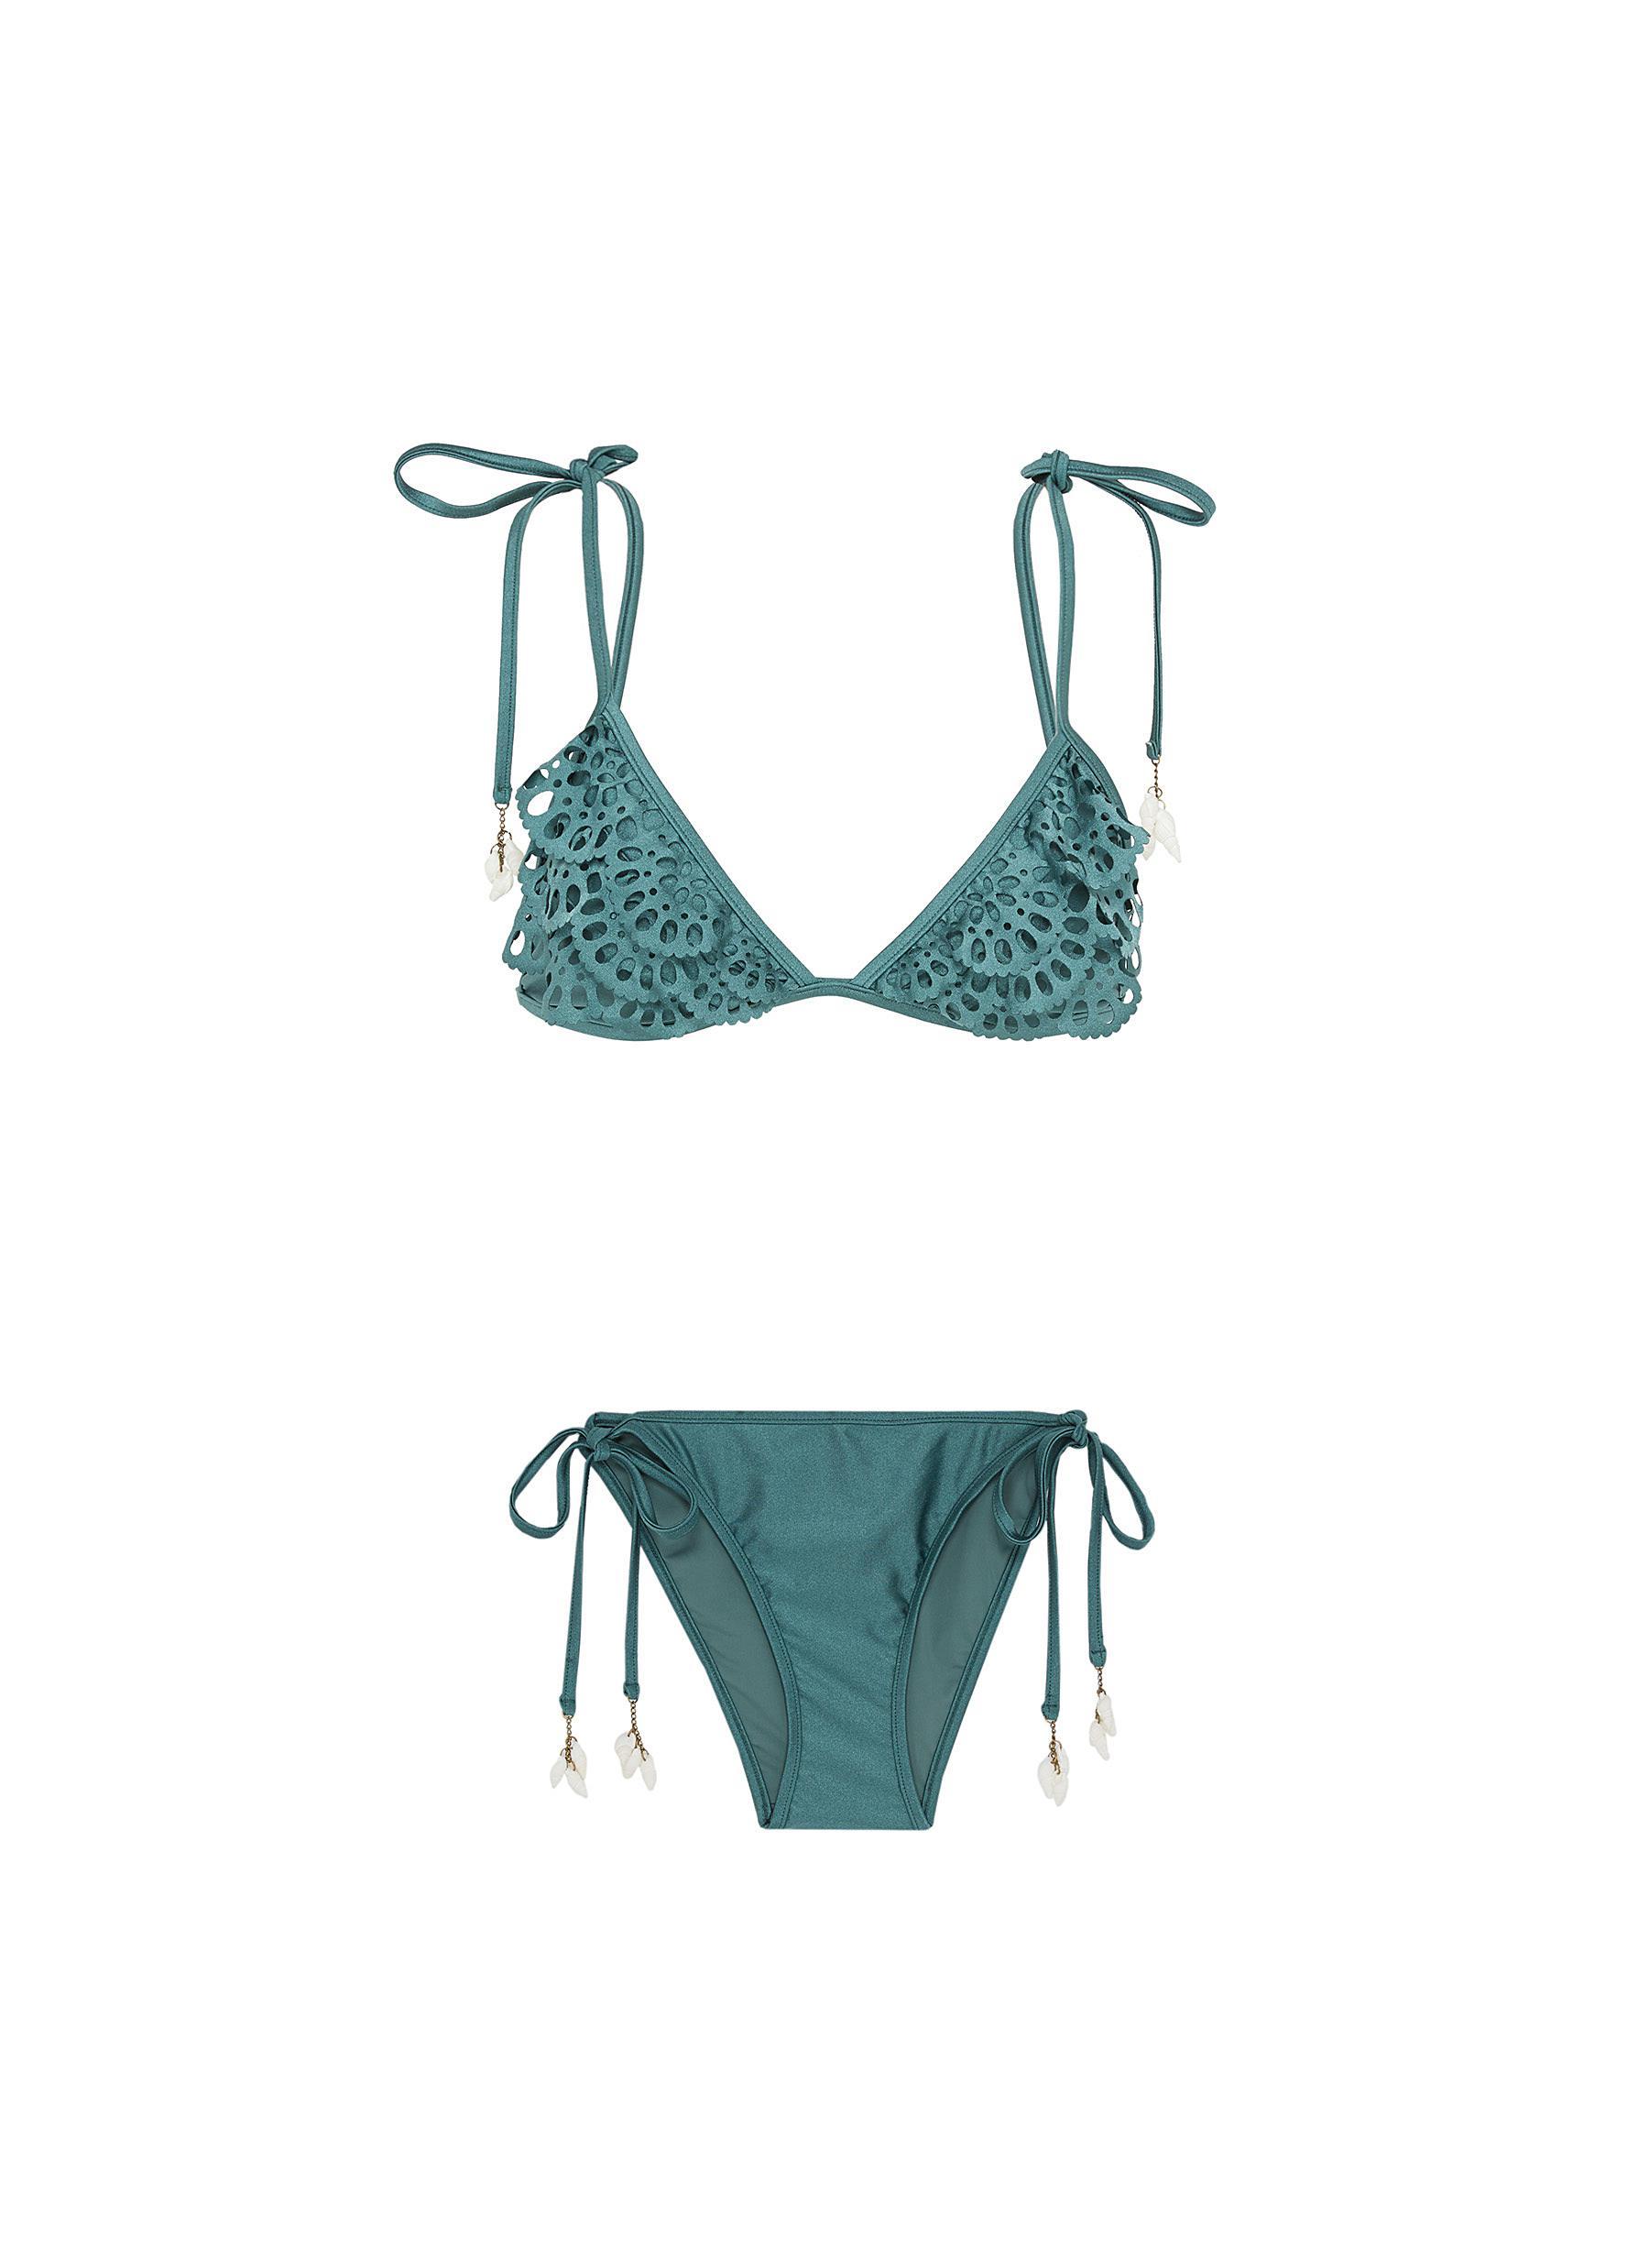 Veneto Scallop Frill lasercut tiered bikini set by Zimmermann